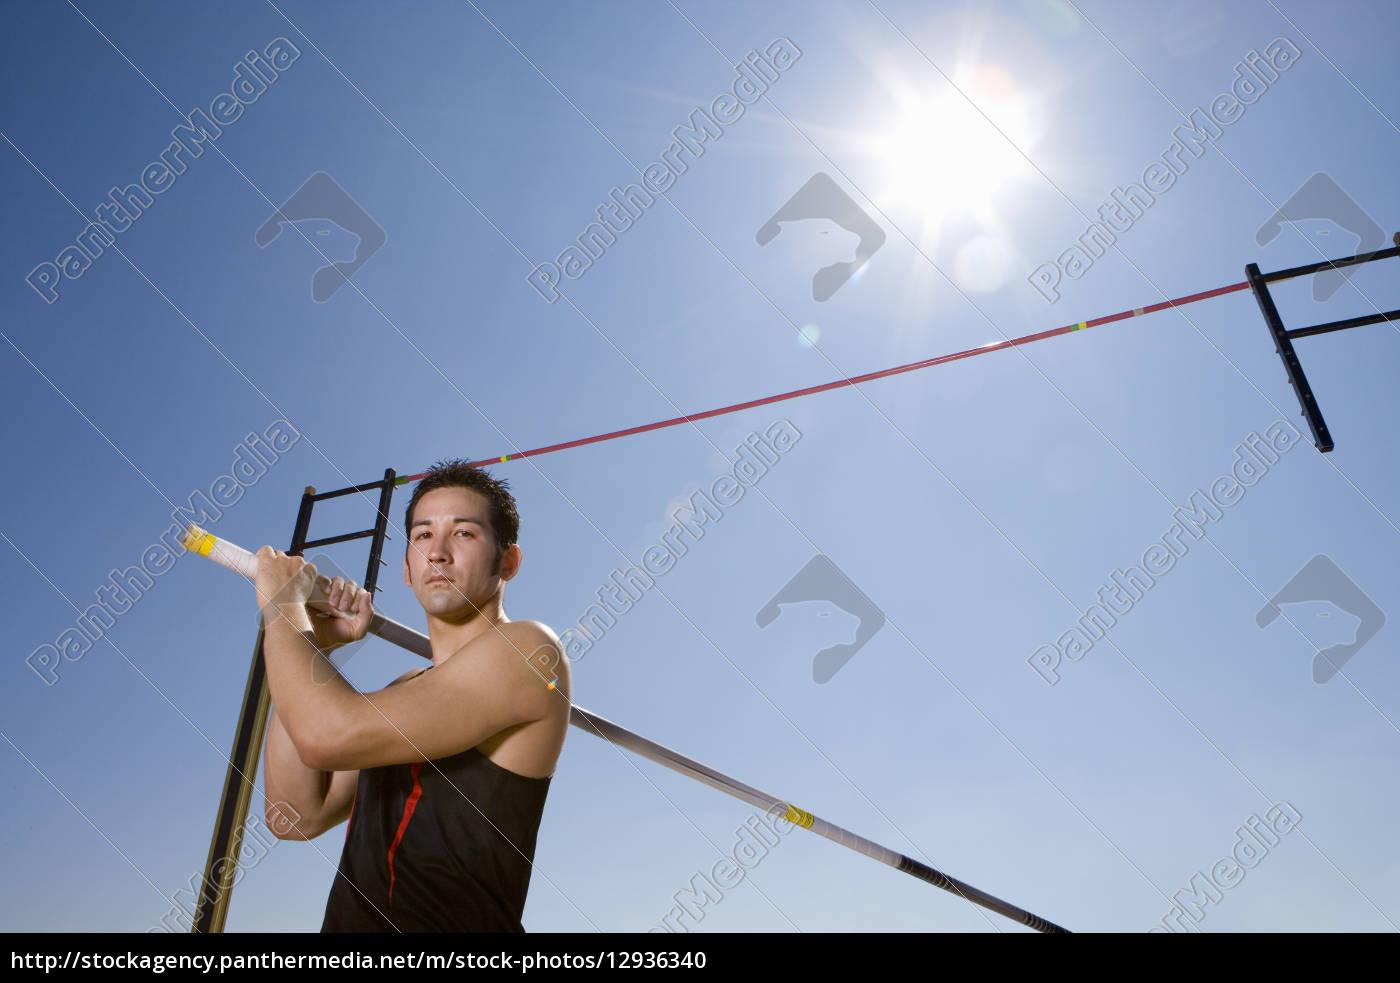 junge, männliche, stab-athleten, mit, stange, für - 12936340